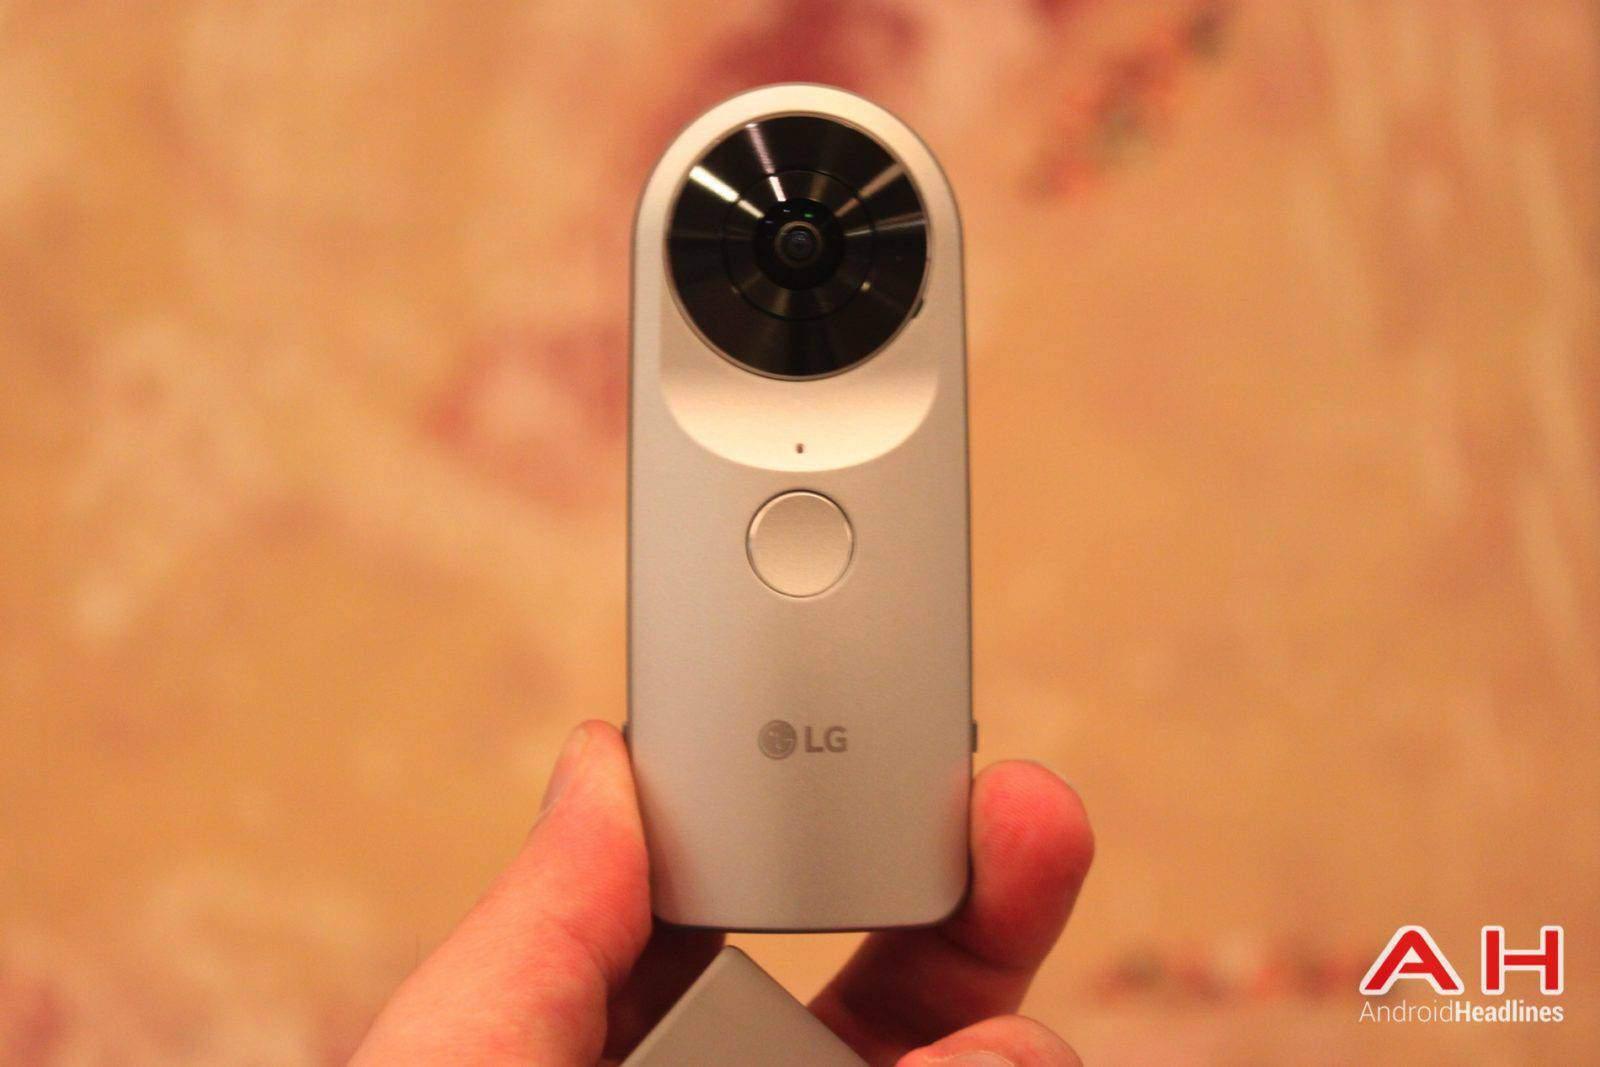 LG G5 360 Camera MWC AH 04